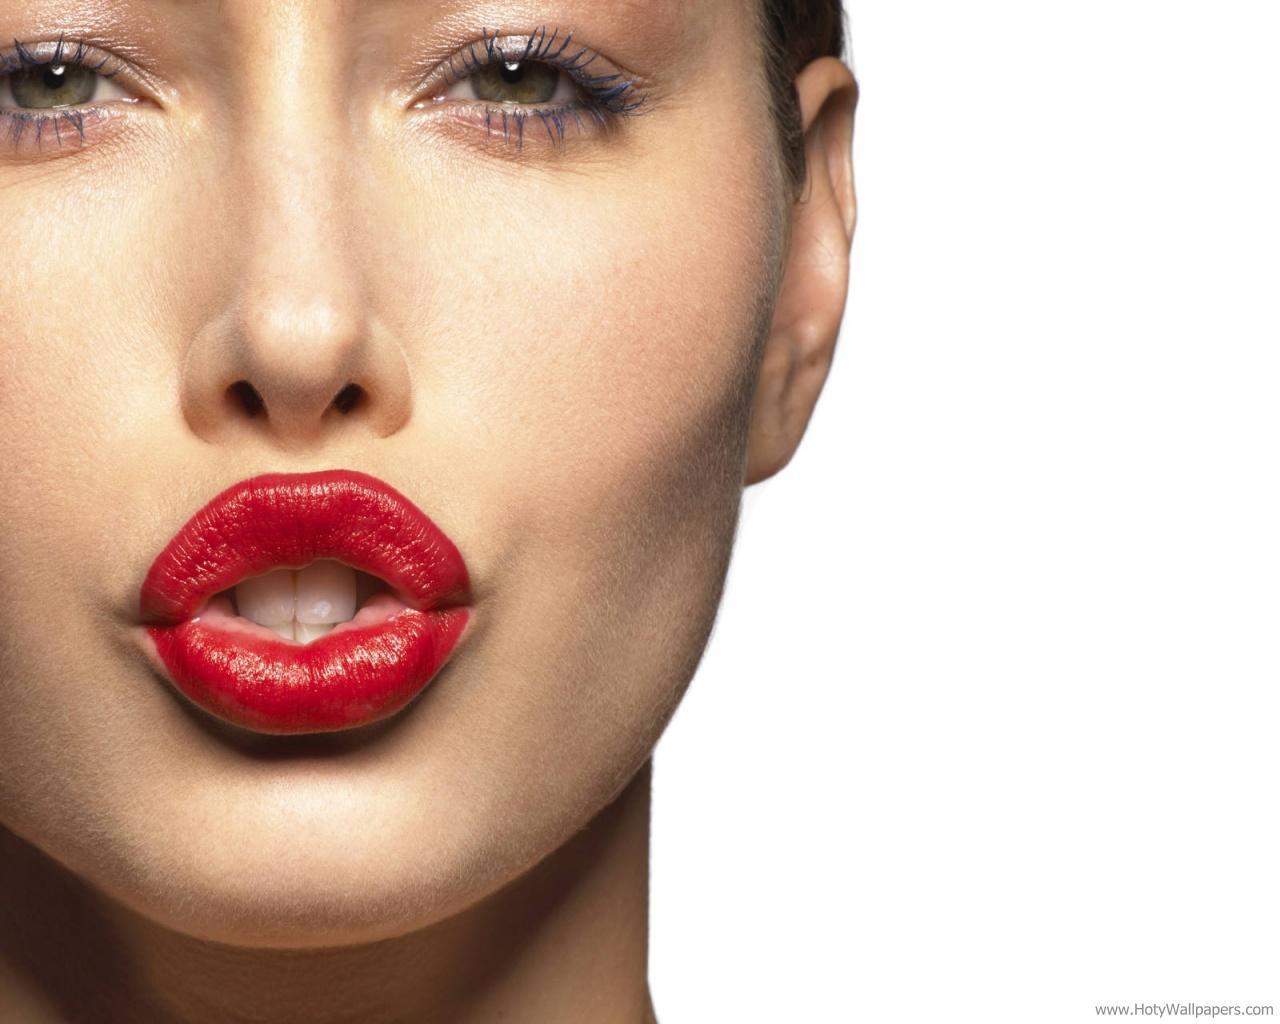 http://3.bp.blogspot.com/-yRbNDgFyO2M/ToWXmNiD3mI/AAAAAAAALEQ/U4T-APA5y7c/s1600/jessica_biel_kissing_wallpaper.jpg